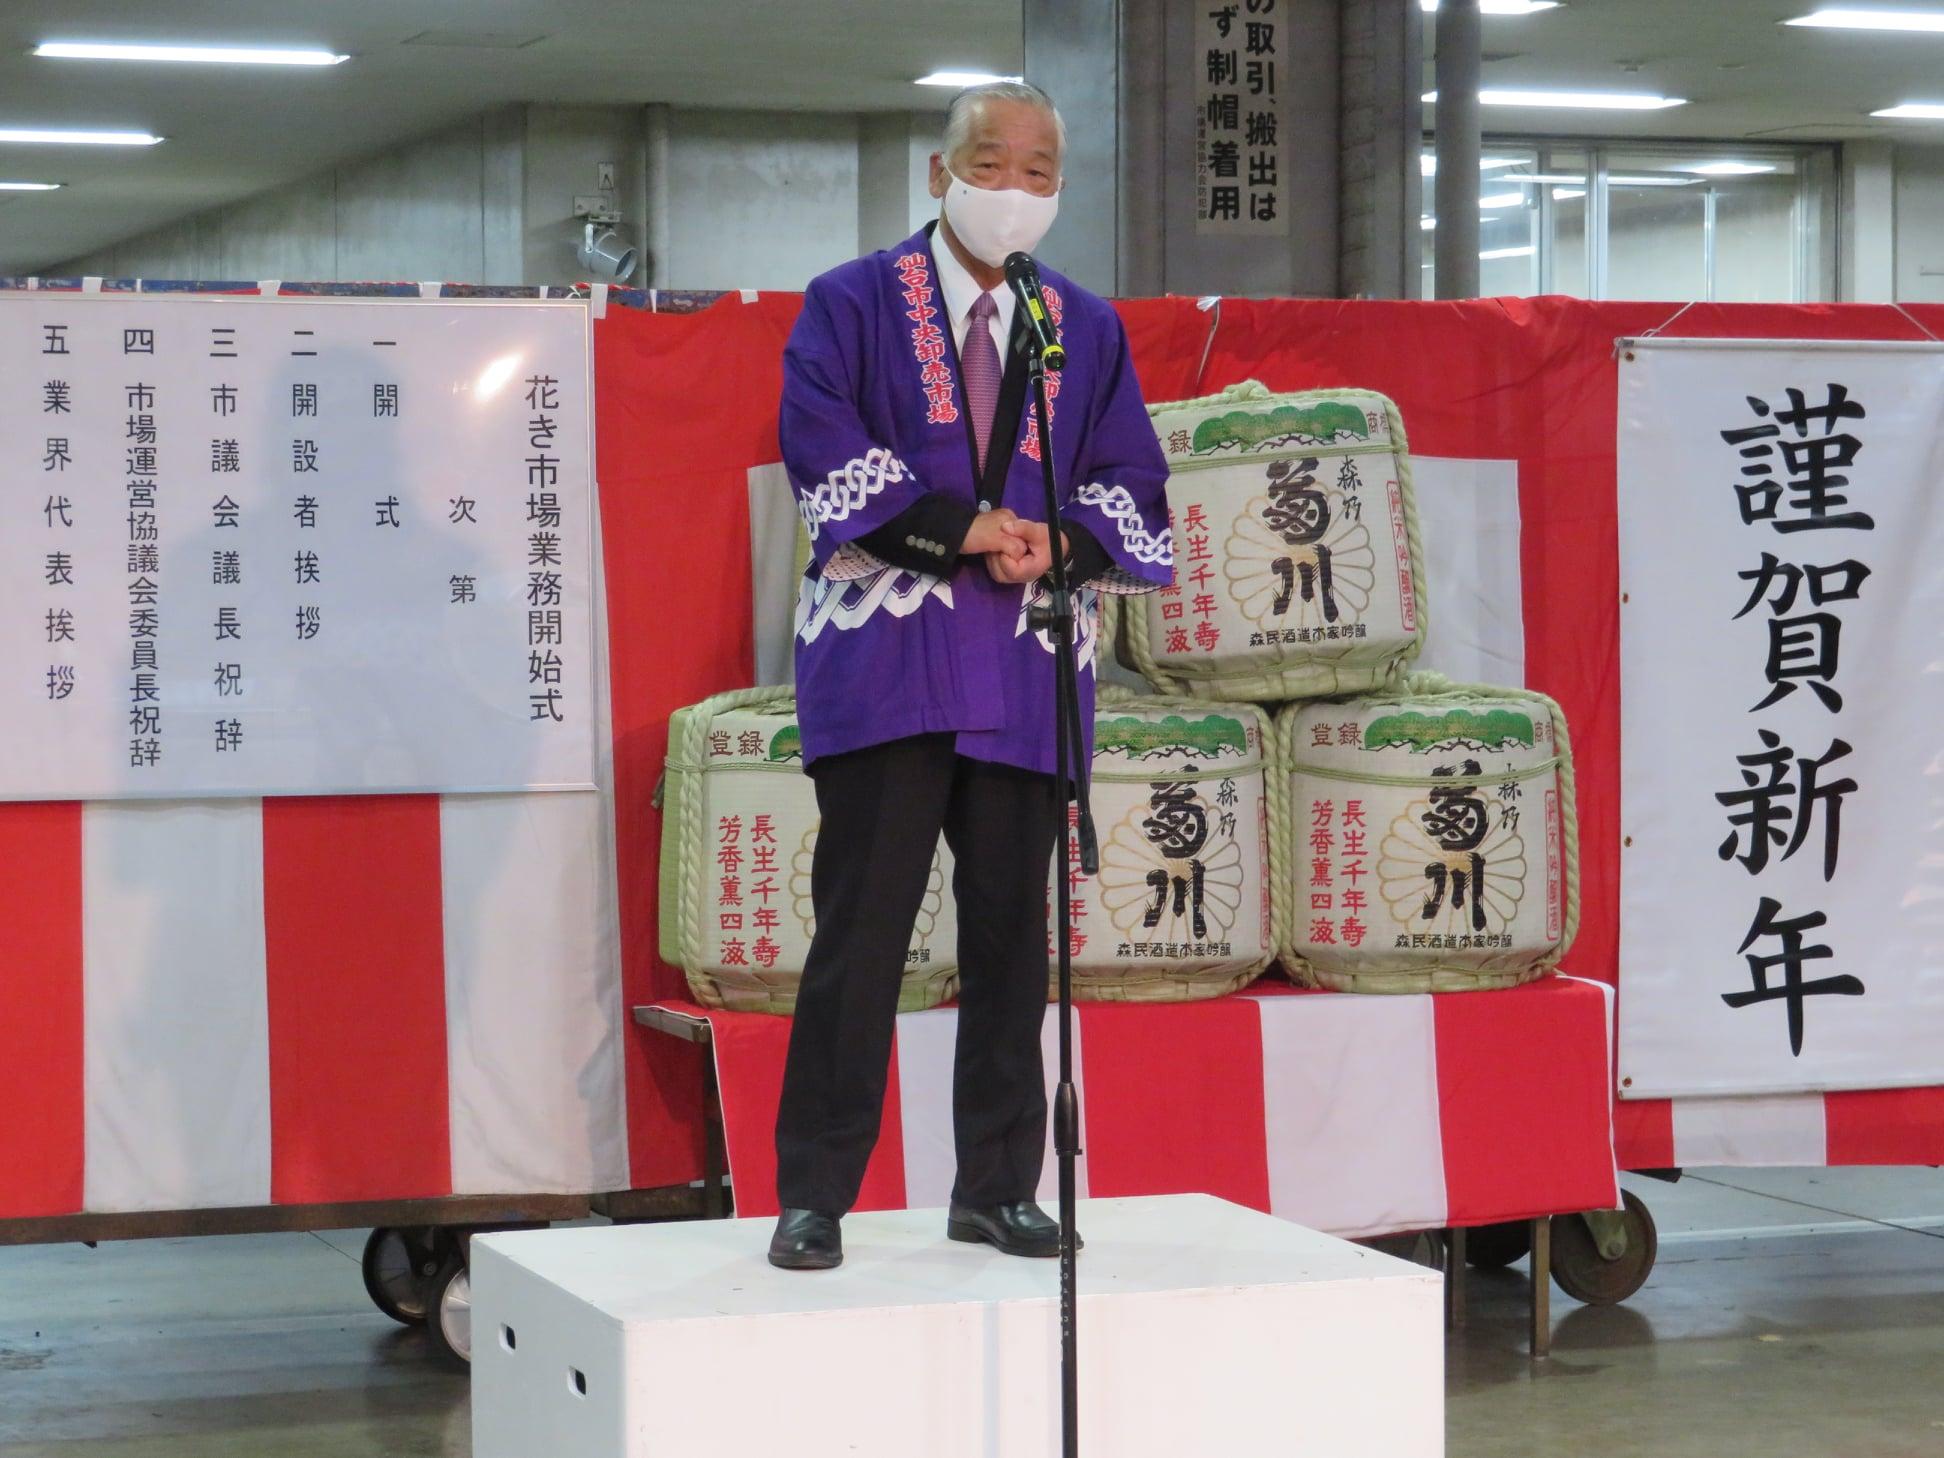 仙台市中央卸売市場業務開始式(花卉)に出席いたしました。